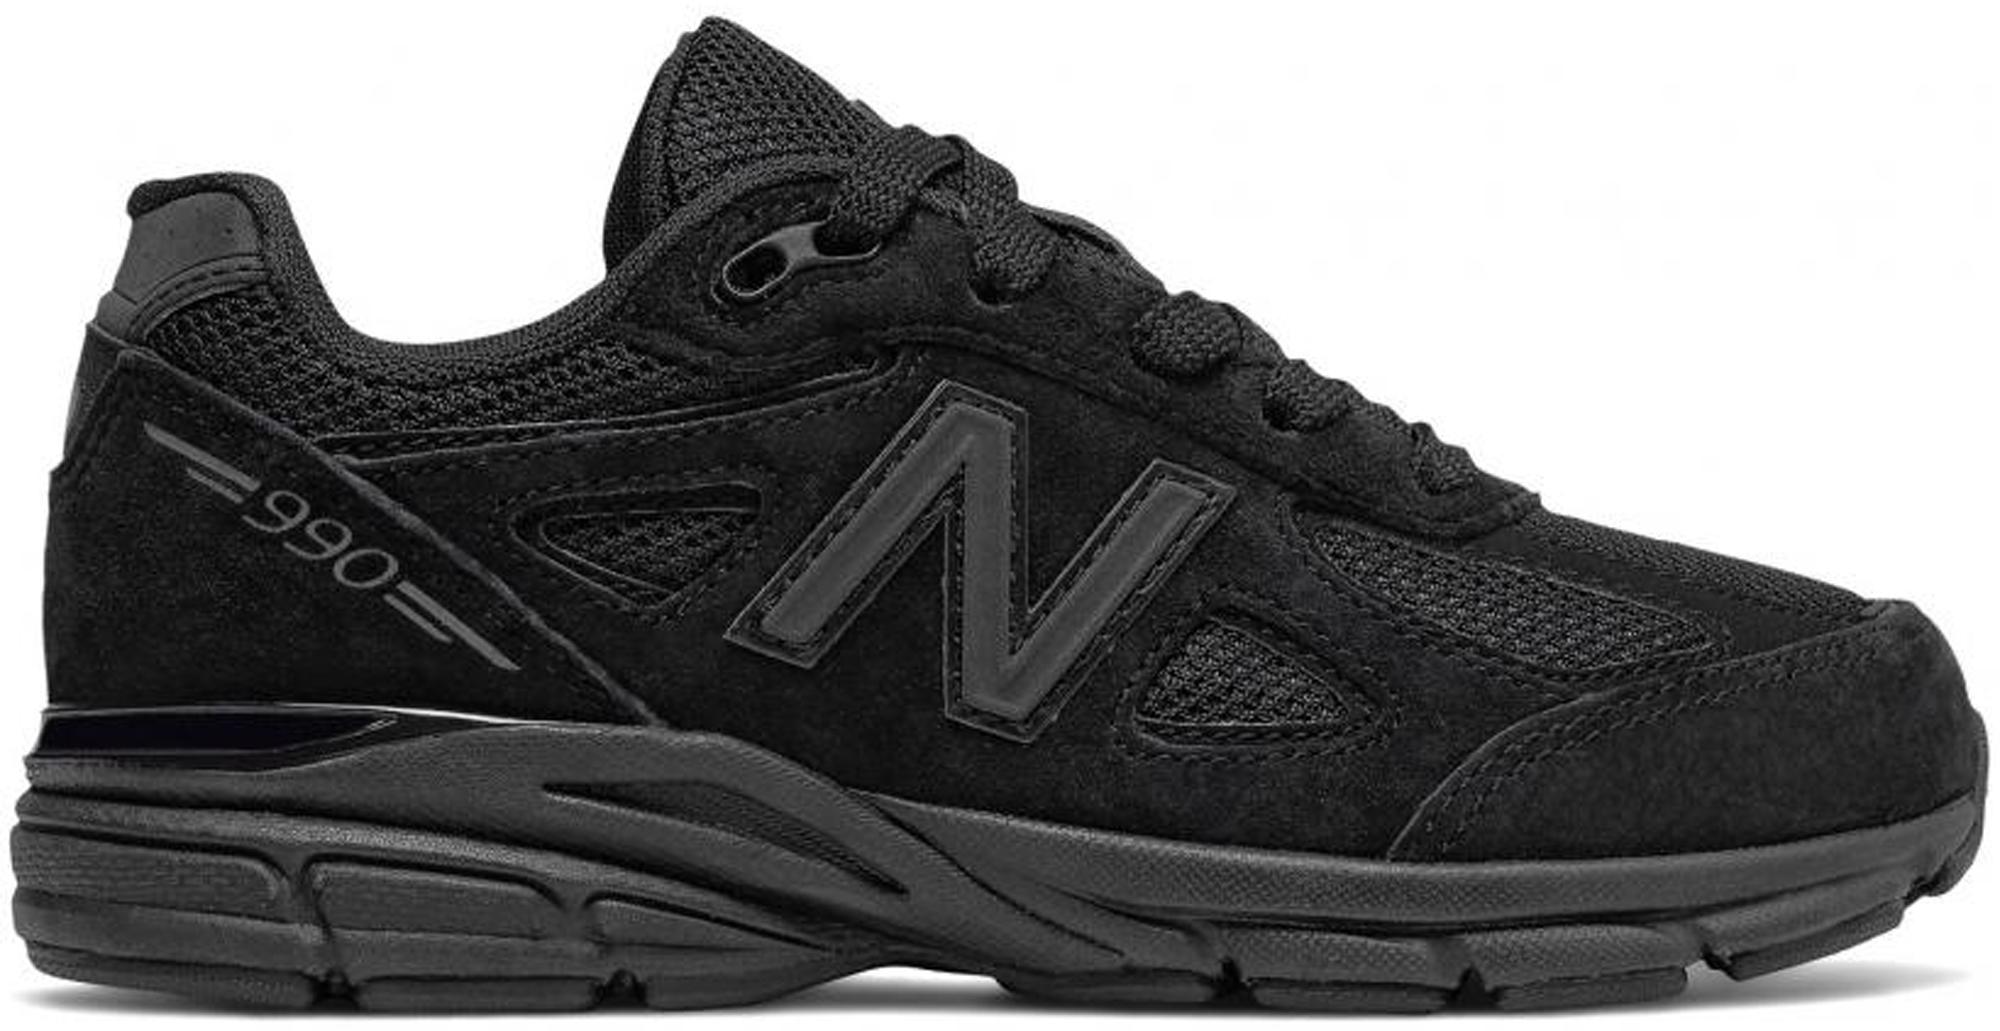 New Balance 990v4 Black (GS) - KJ990TBG